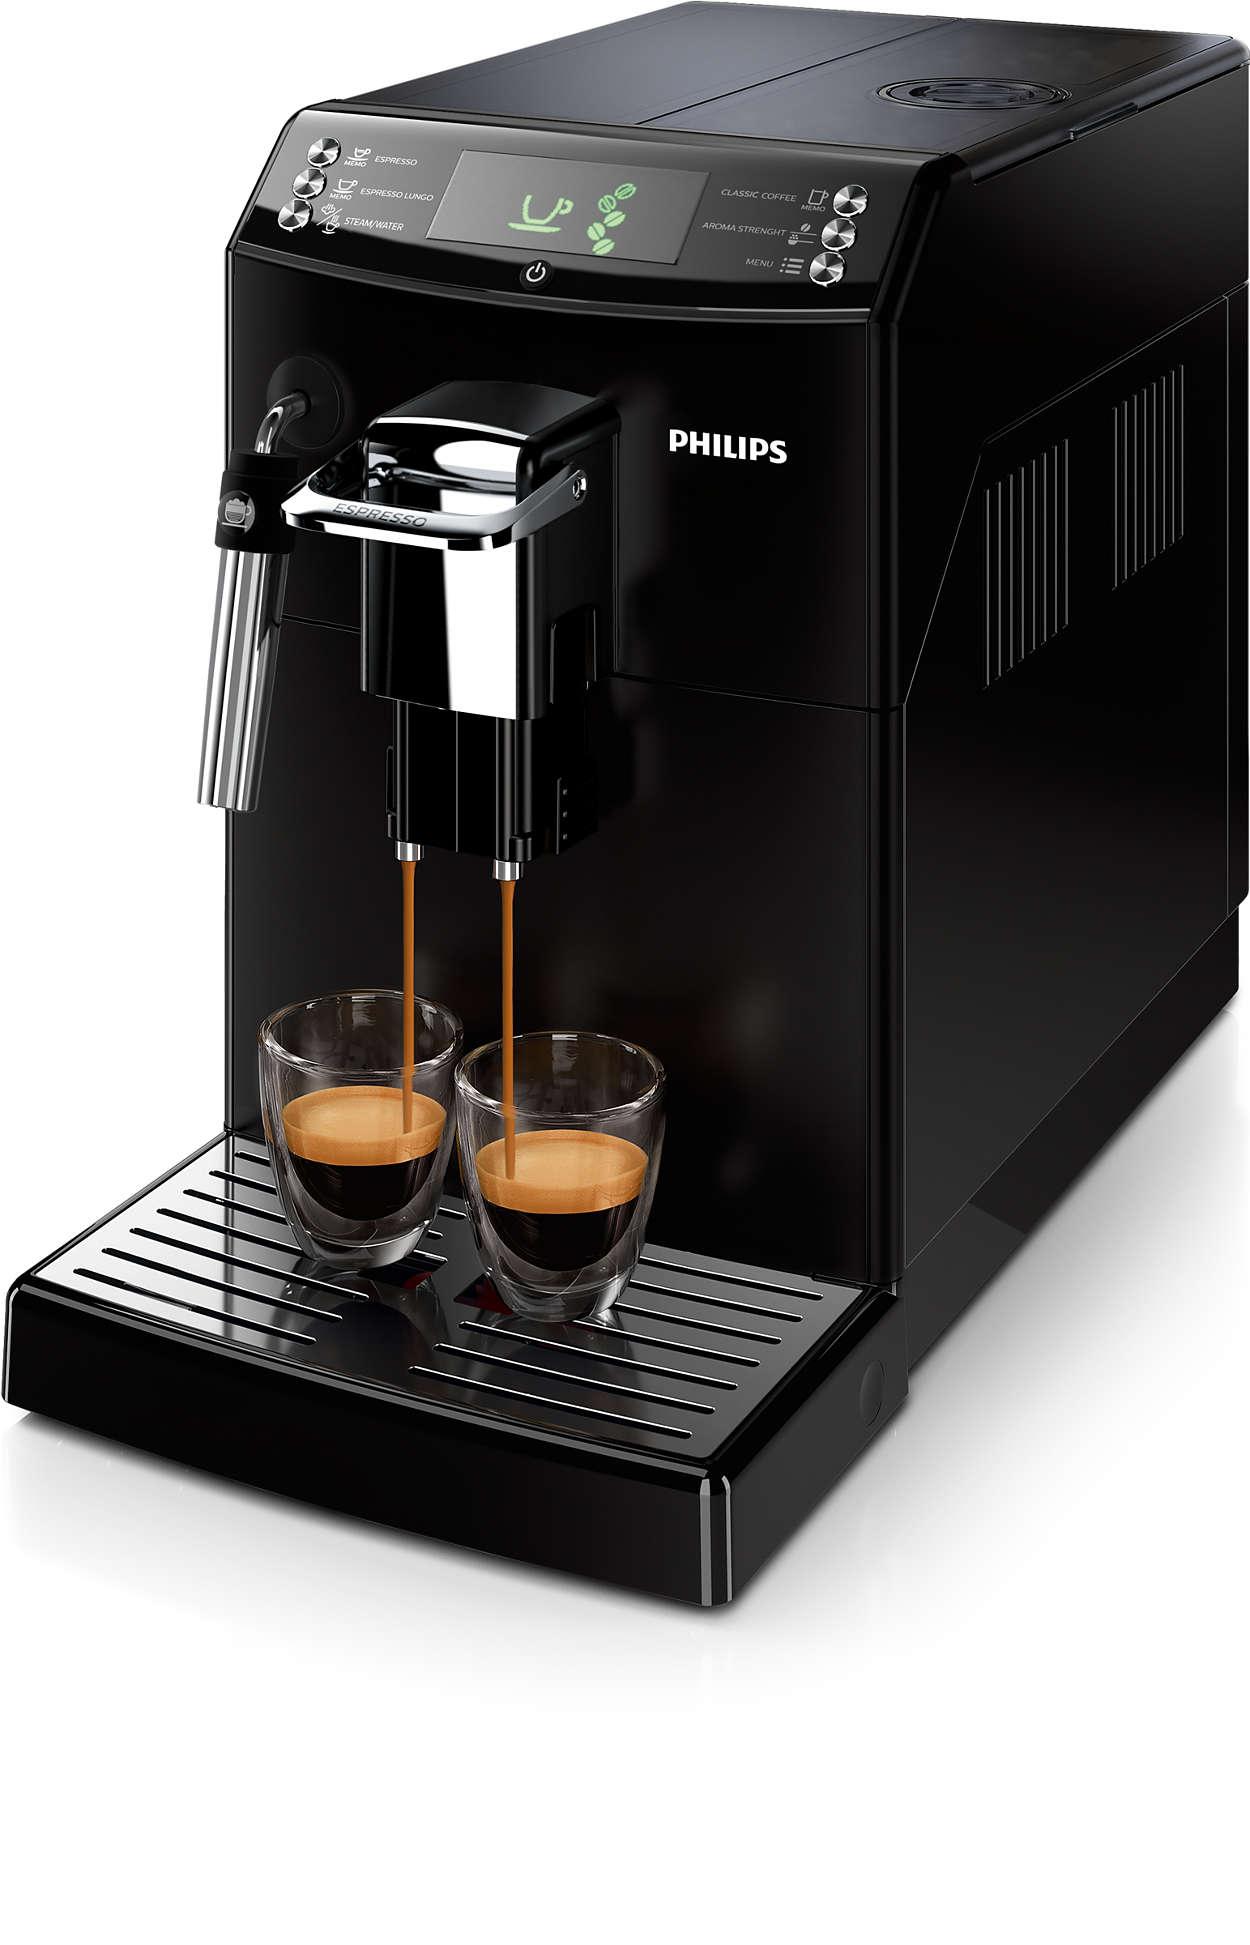 Erinomaista espressoa ja herkullista suodatinkahvia